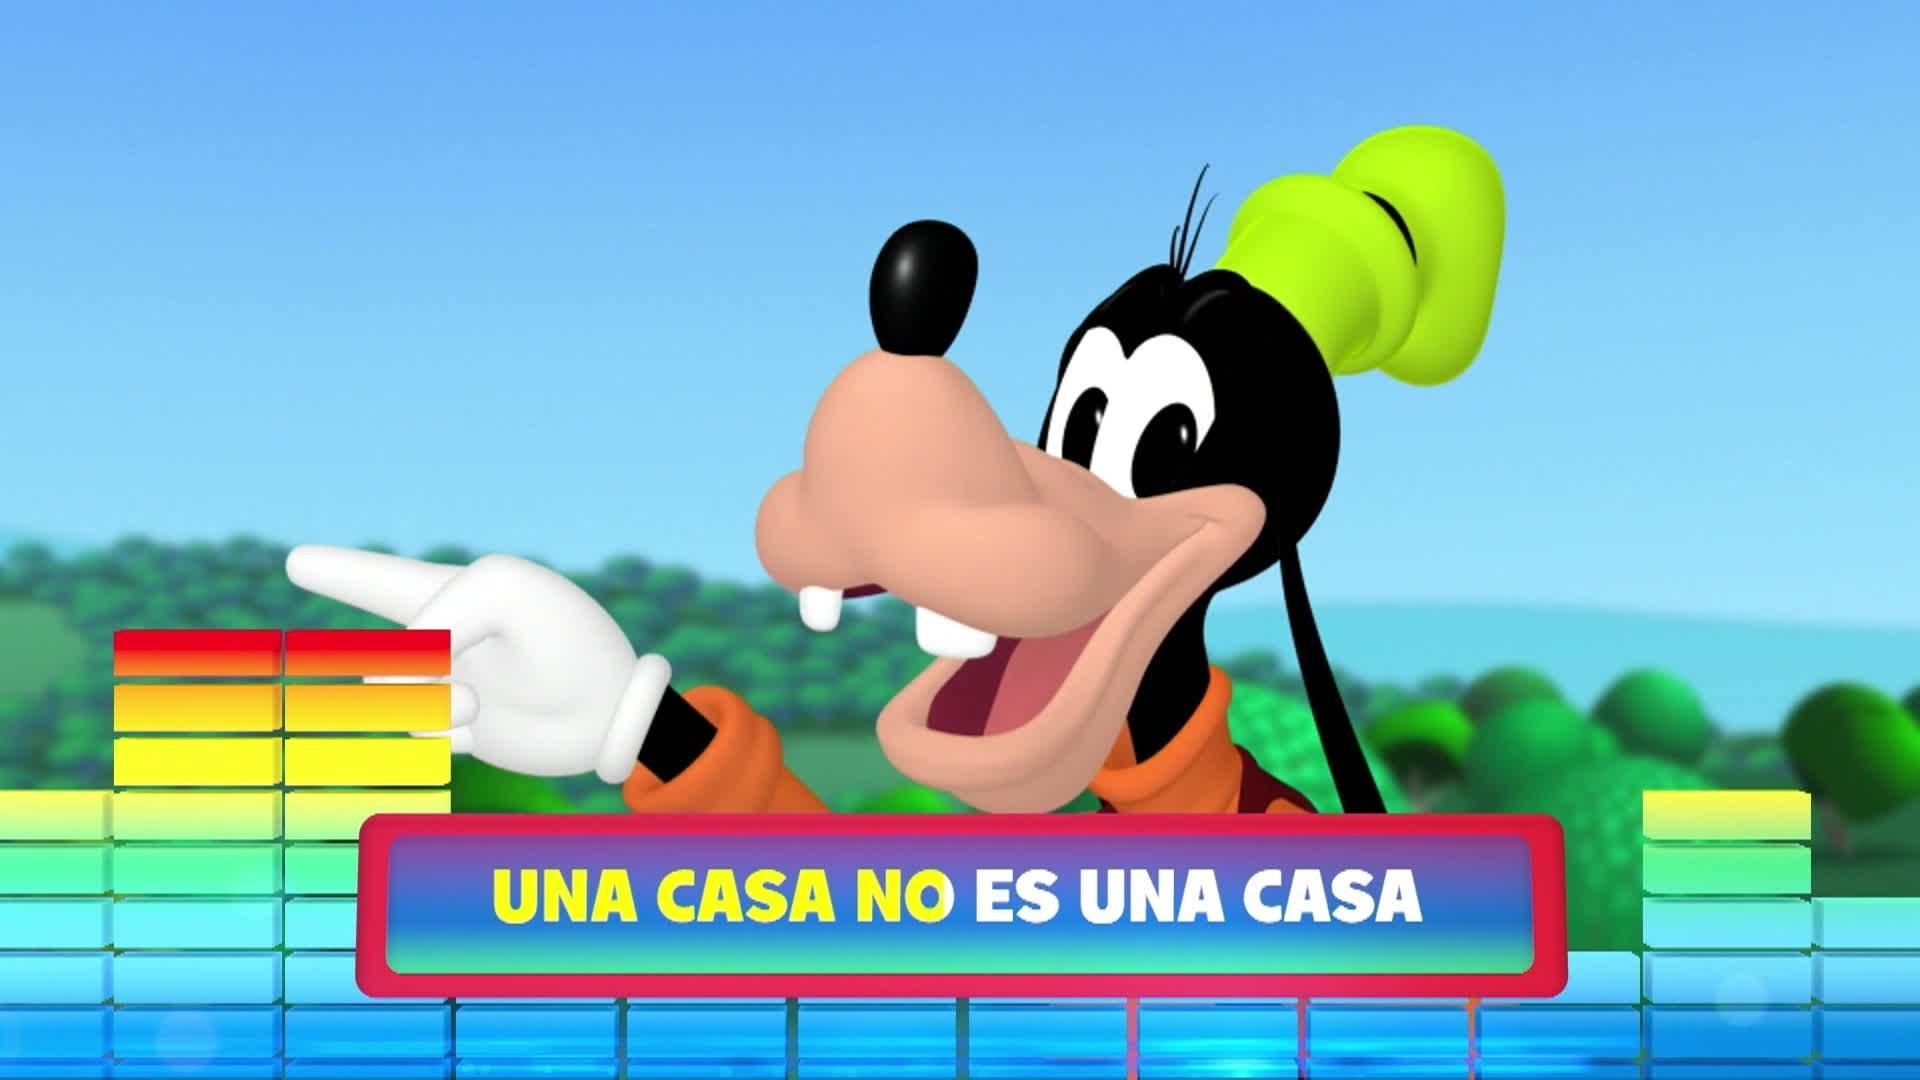 """Una casa sin amigos. De la serie: """"La casa de Mickey Mouse: La vuelta al mundo con Mikey Mouse"""""""